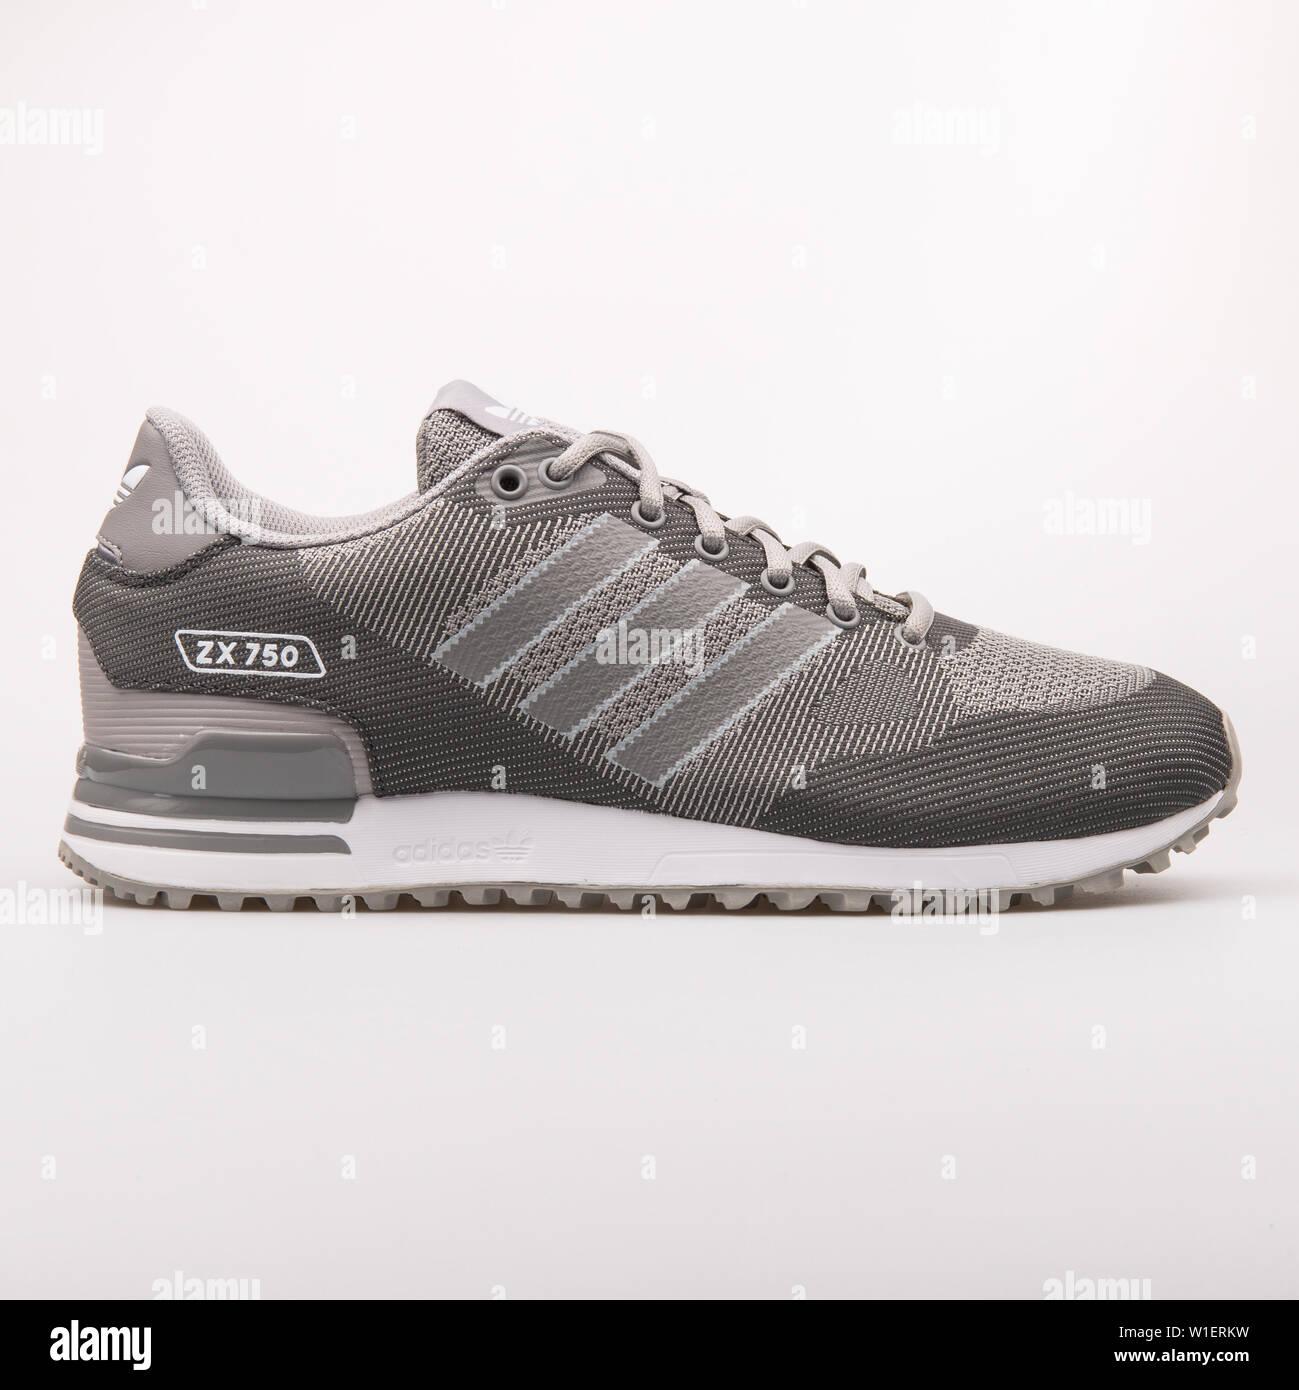 Wien, Österreich 10 August 2017: Adidas ZX 750 WV grau